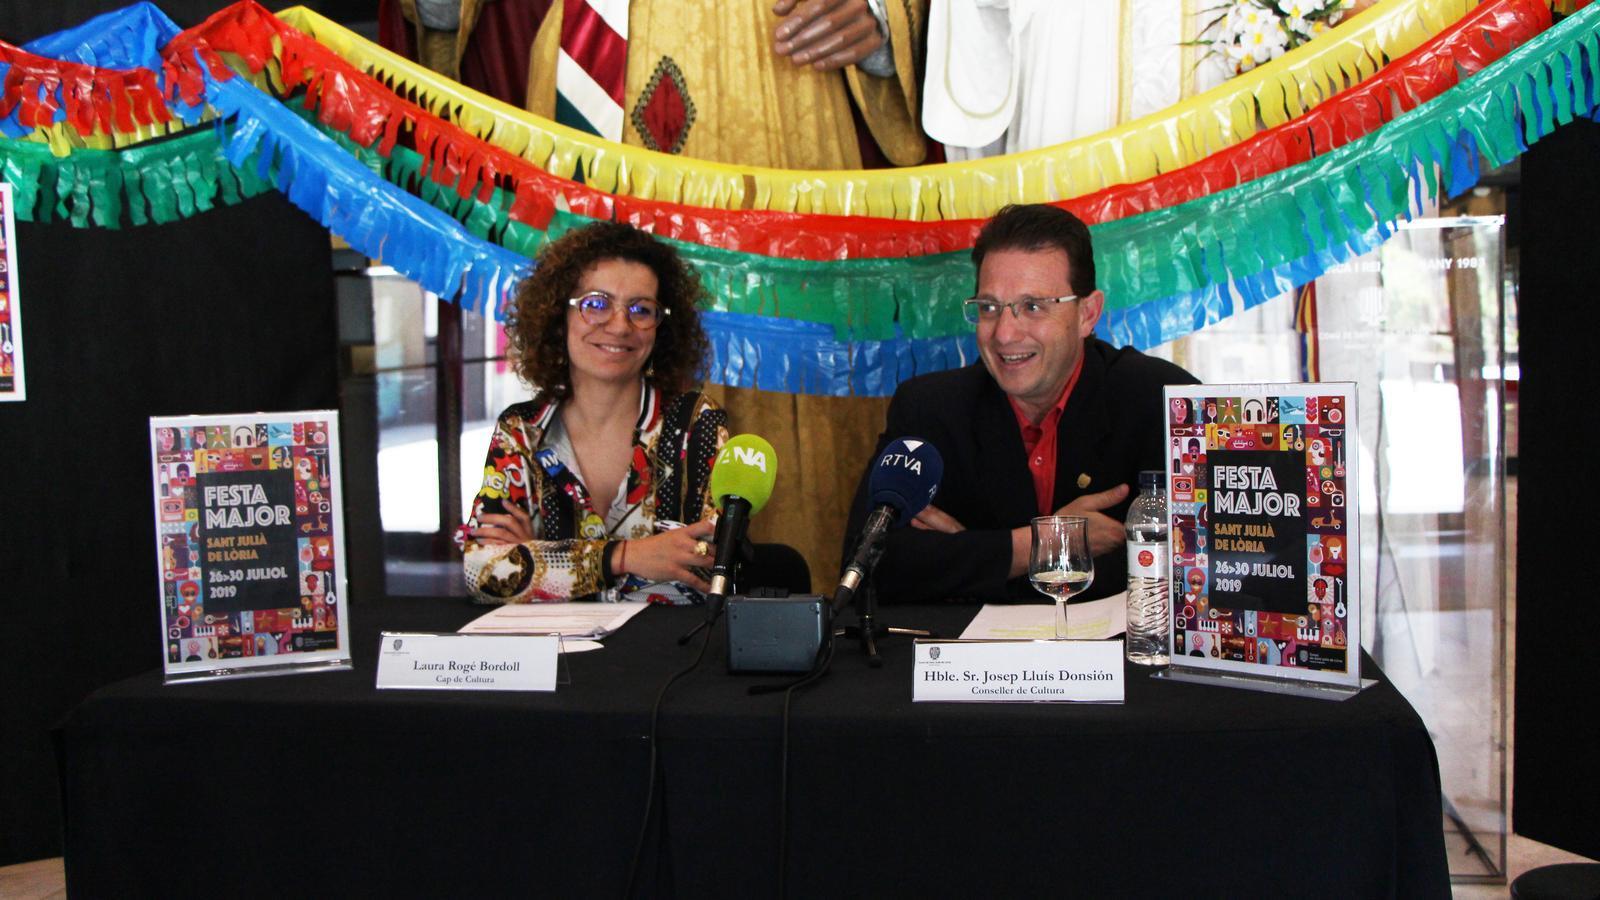 Laura Rogé, cap de Cultura i Josep Lluís Donsión, conseller de Cultura de Sant Julià de Lòria, durant la roda de premsa celebrada aquet dilluns al centre de Cultura i de Congressos Lauredià de Sant Julià de Lòria. / M. R. F. (ANA)